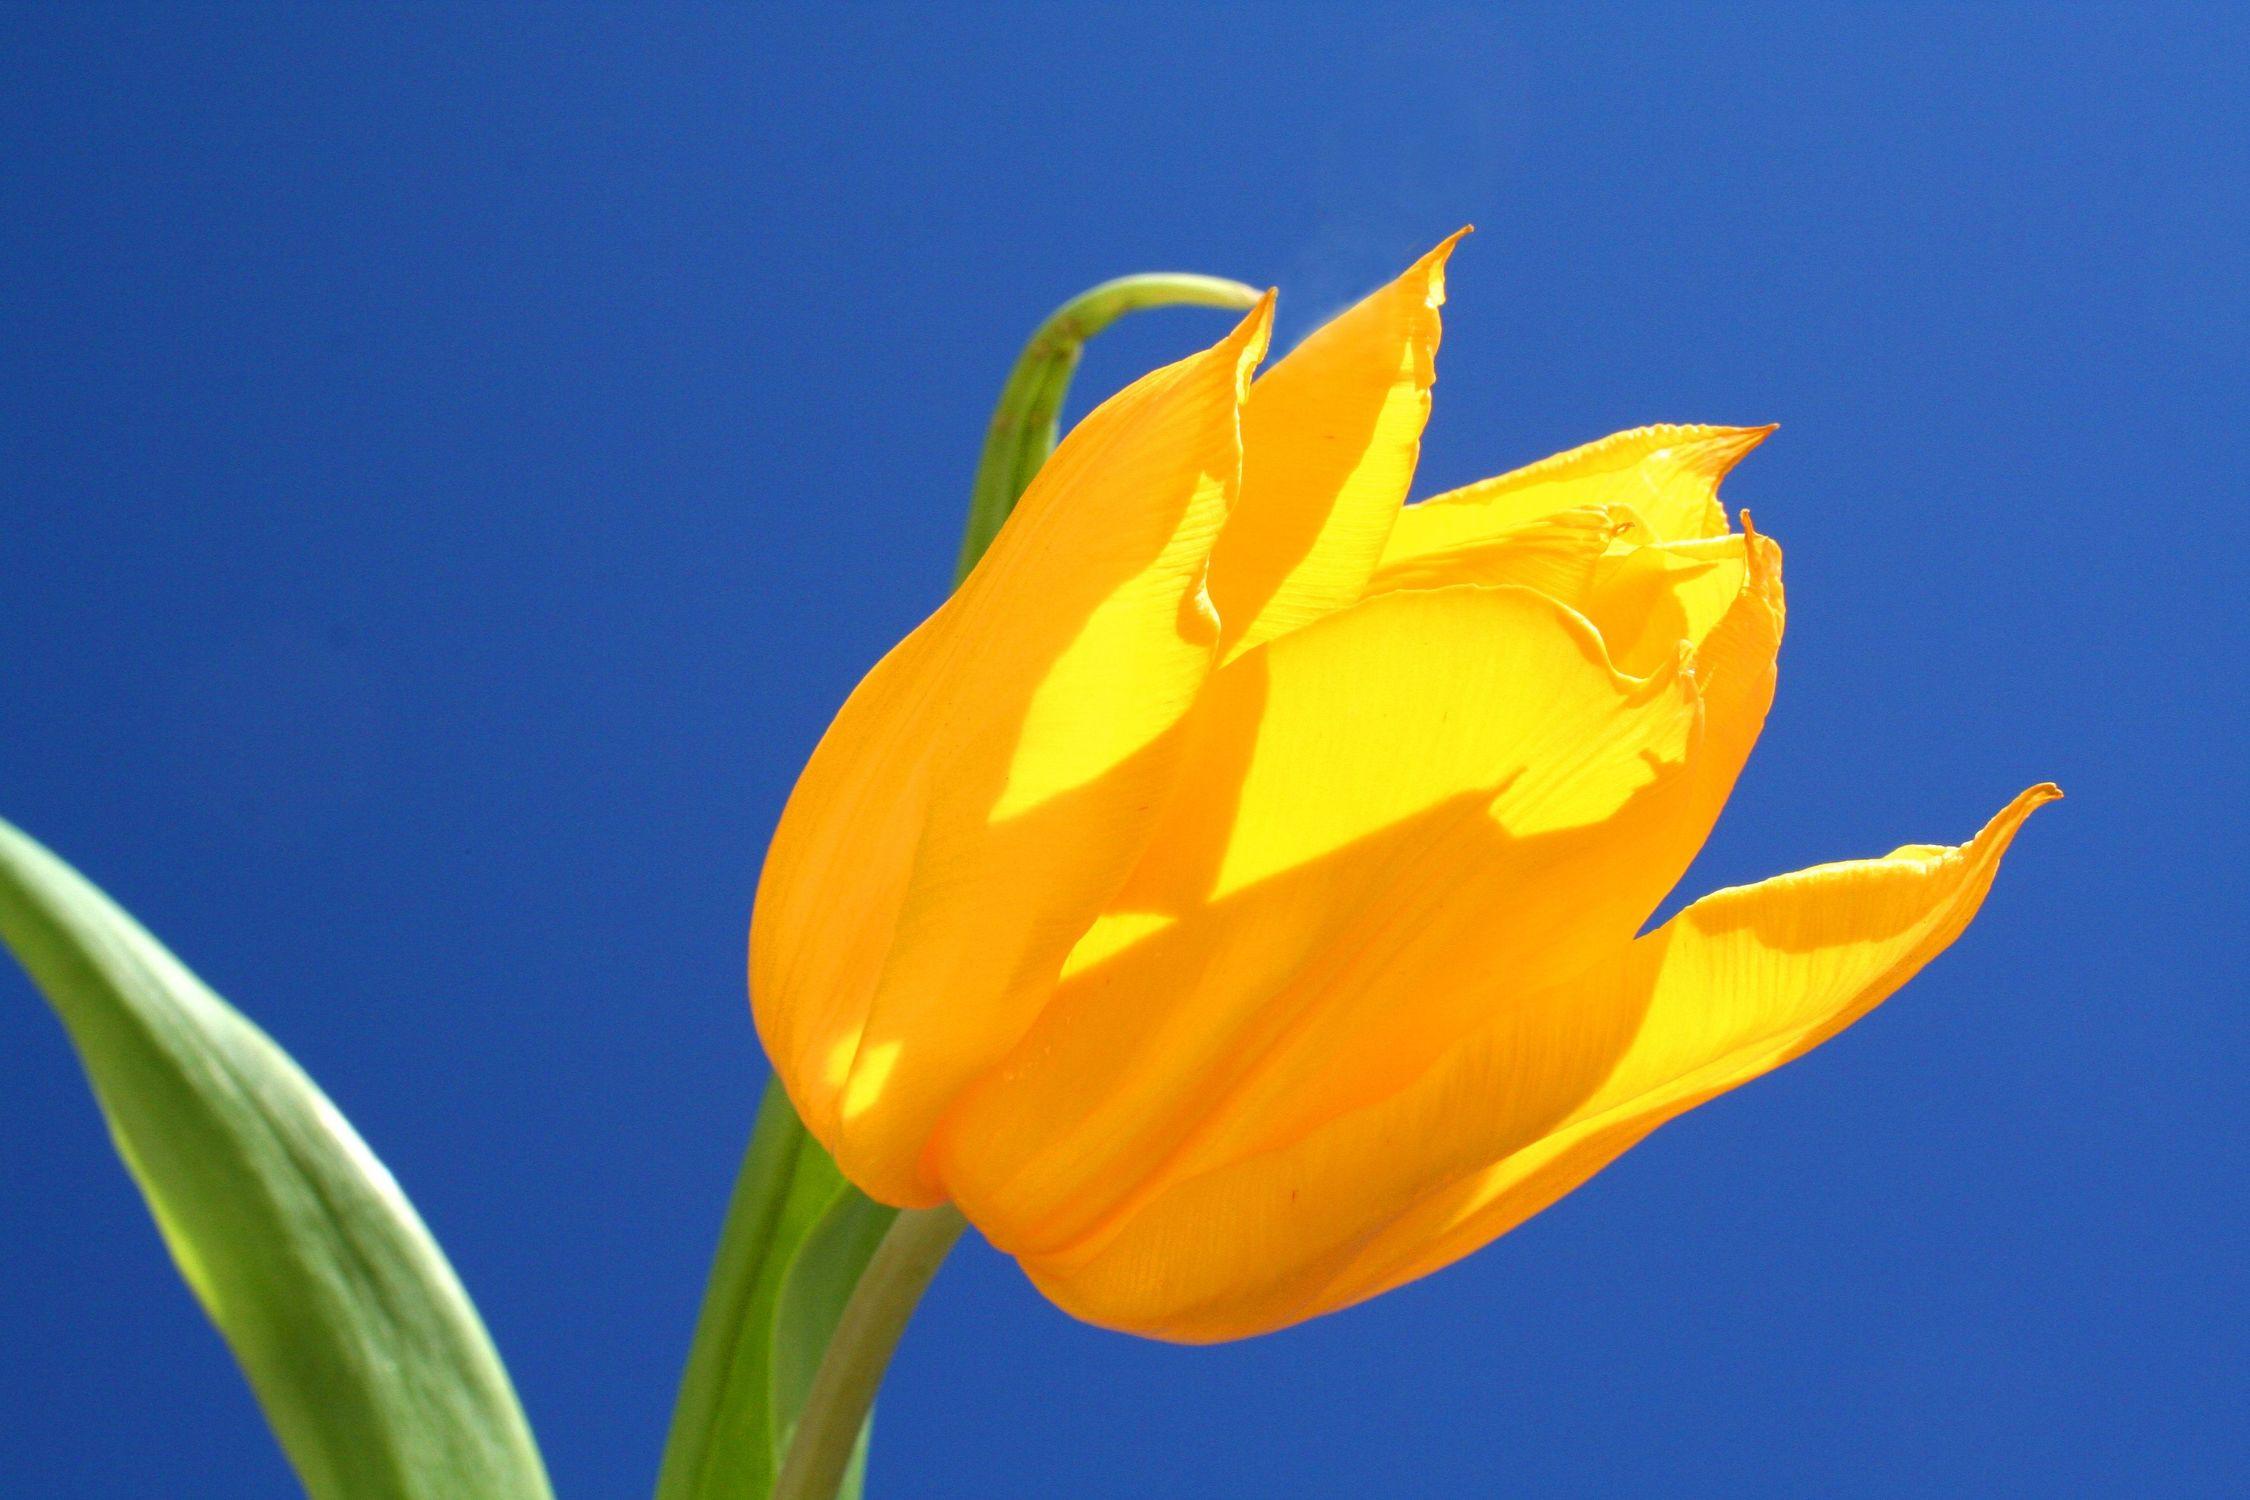 Bild mit Natur, Pflanzen, Blumen, Blumen, Blume, Pflanze, Tulpe, Tulips, Tulpen, gelbe Tulpe, Tulipa, Flower, Flowers, Tulip, gelbe Tulpen, yellow tulip, yellow tulips, yellow